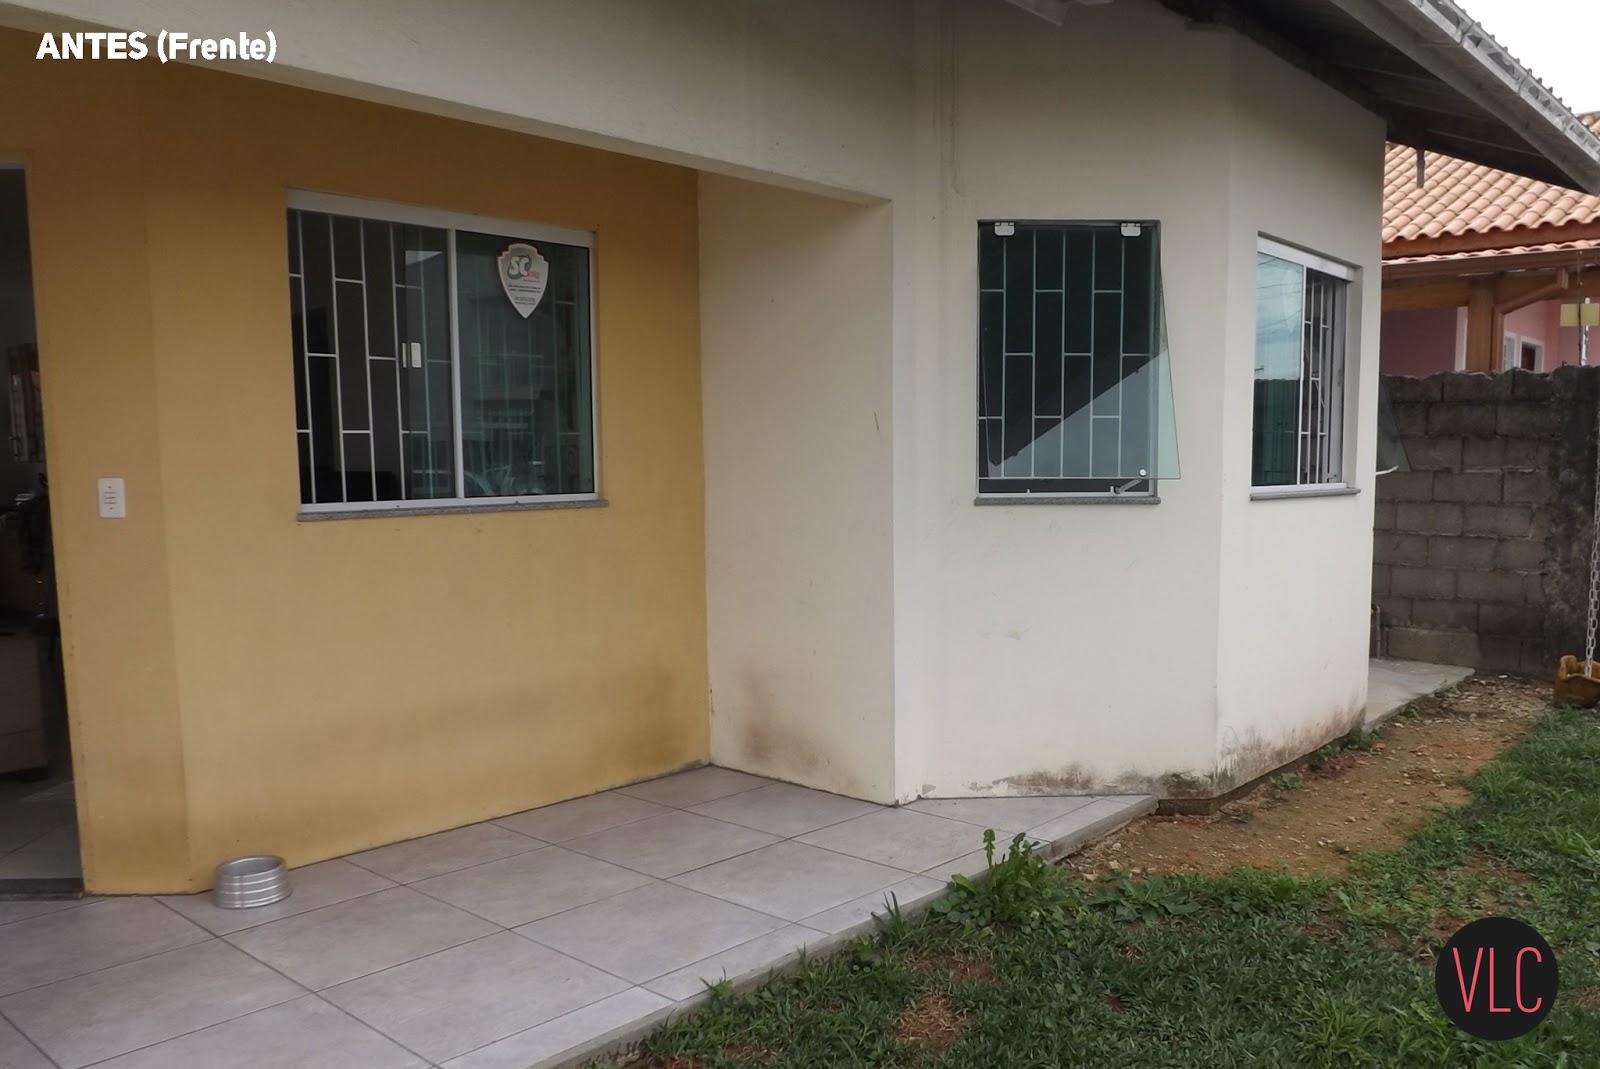 #5F462C Reformando nossa casa: trocando as janelas Vida Louca de Casada 226 Janelas De Vidro Para Lavanderia